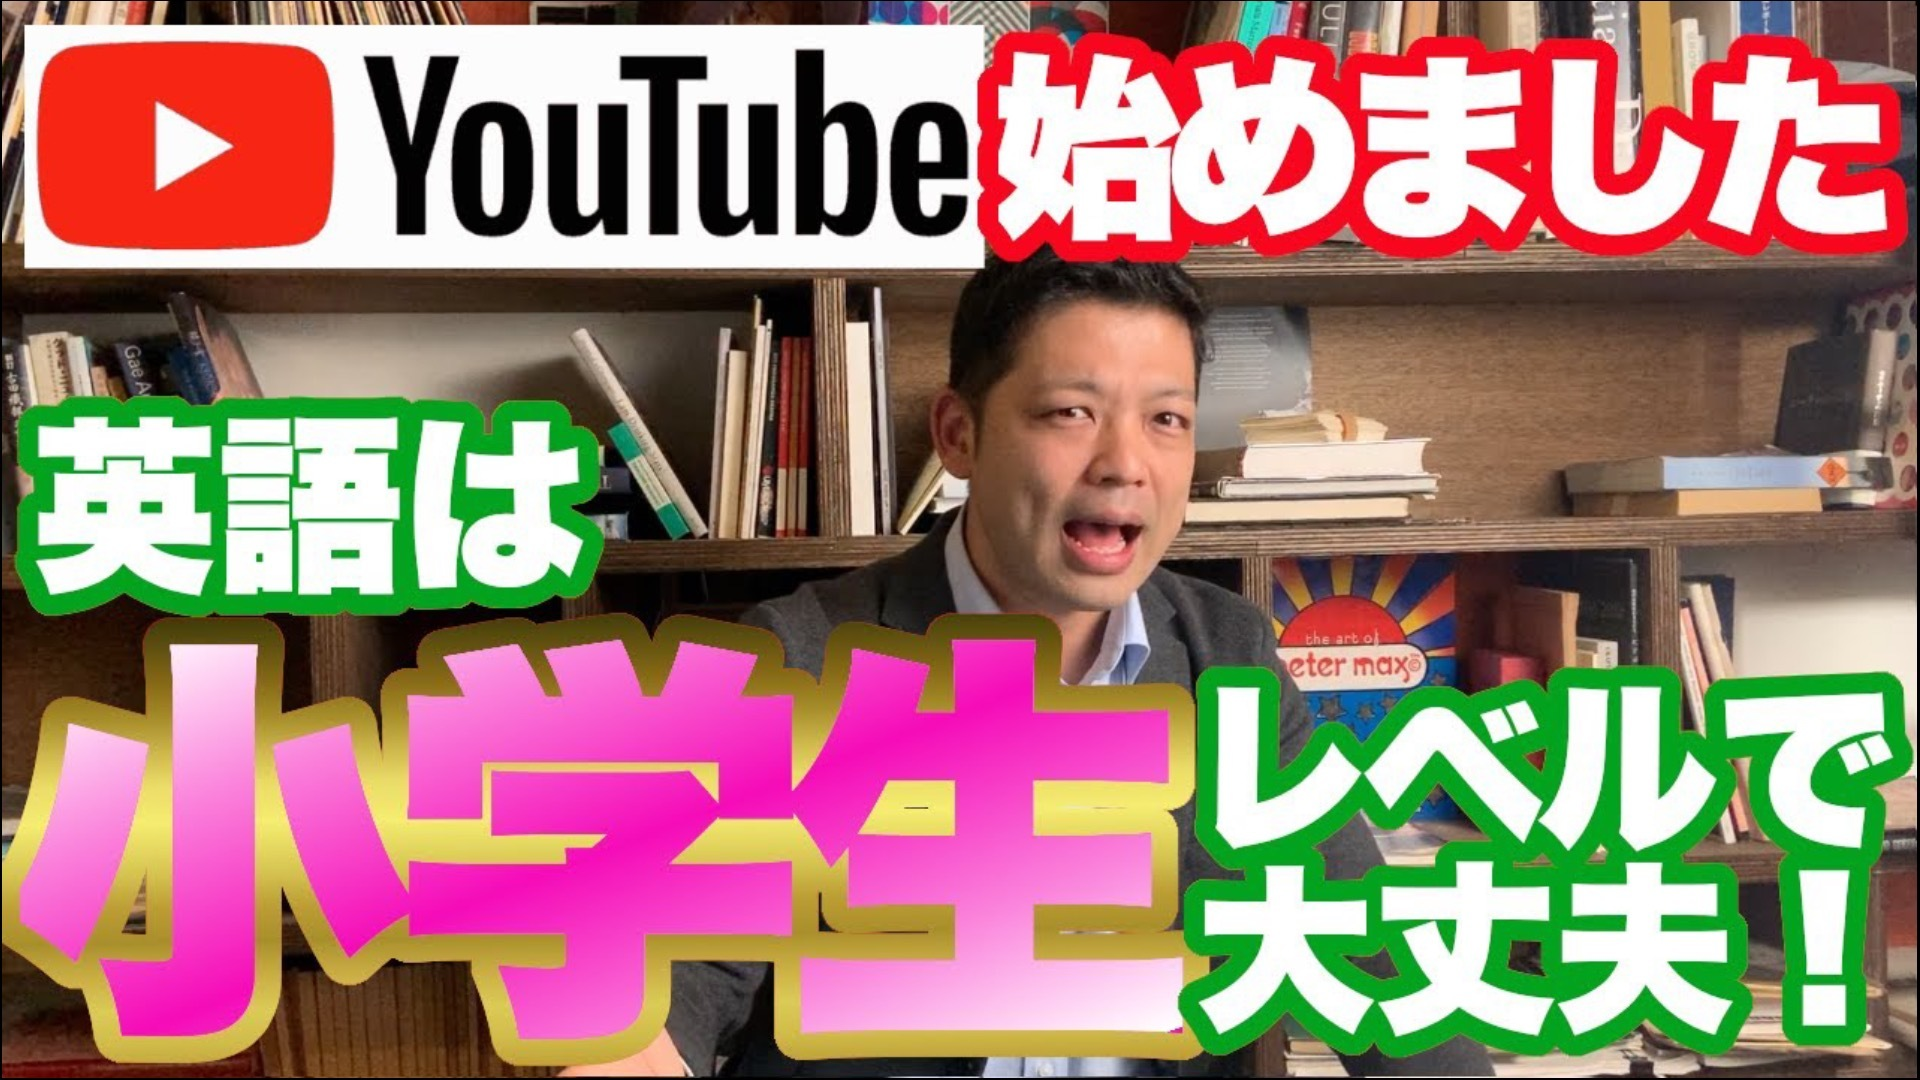 一般公開:穂高ジョージのYouTube紹介動画です